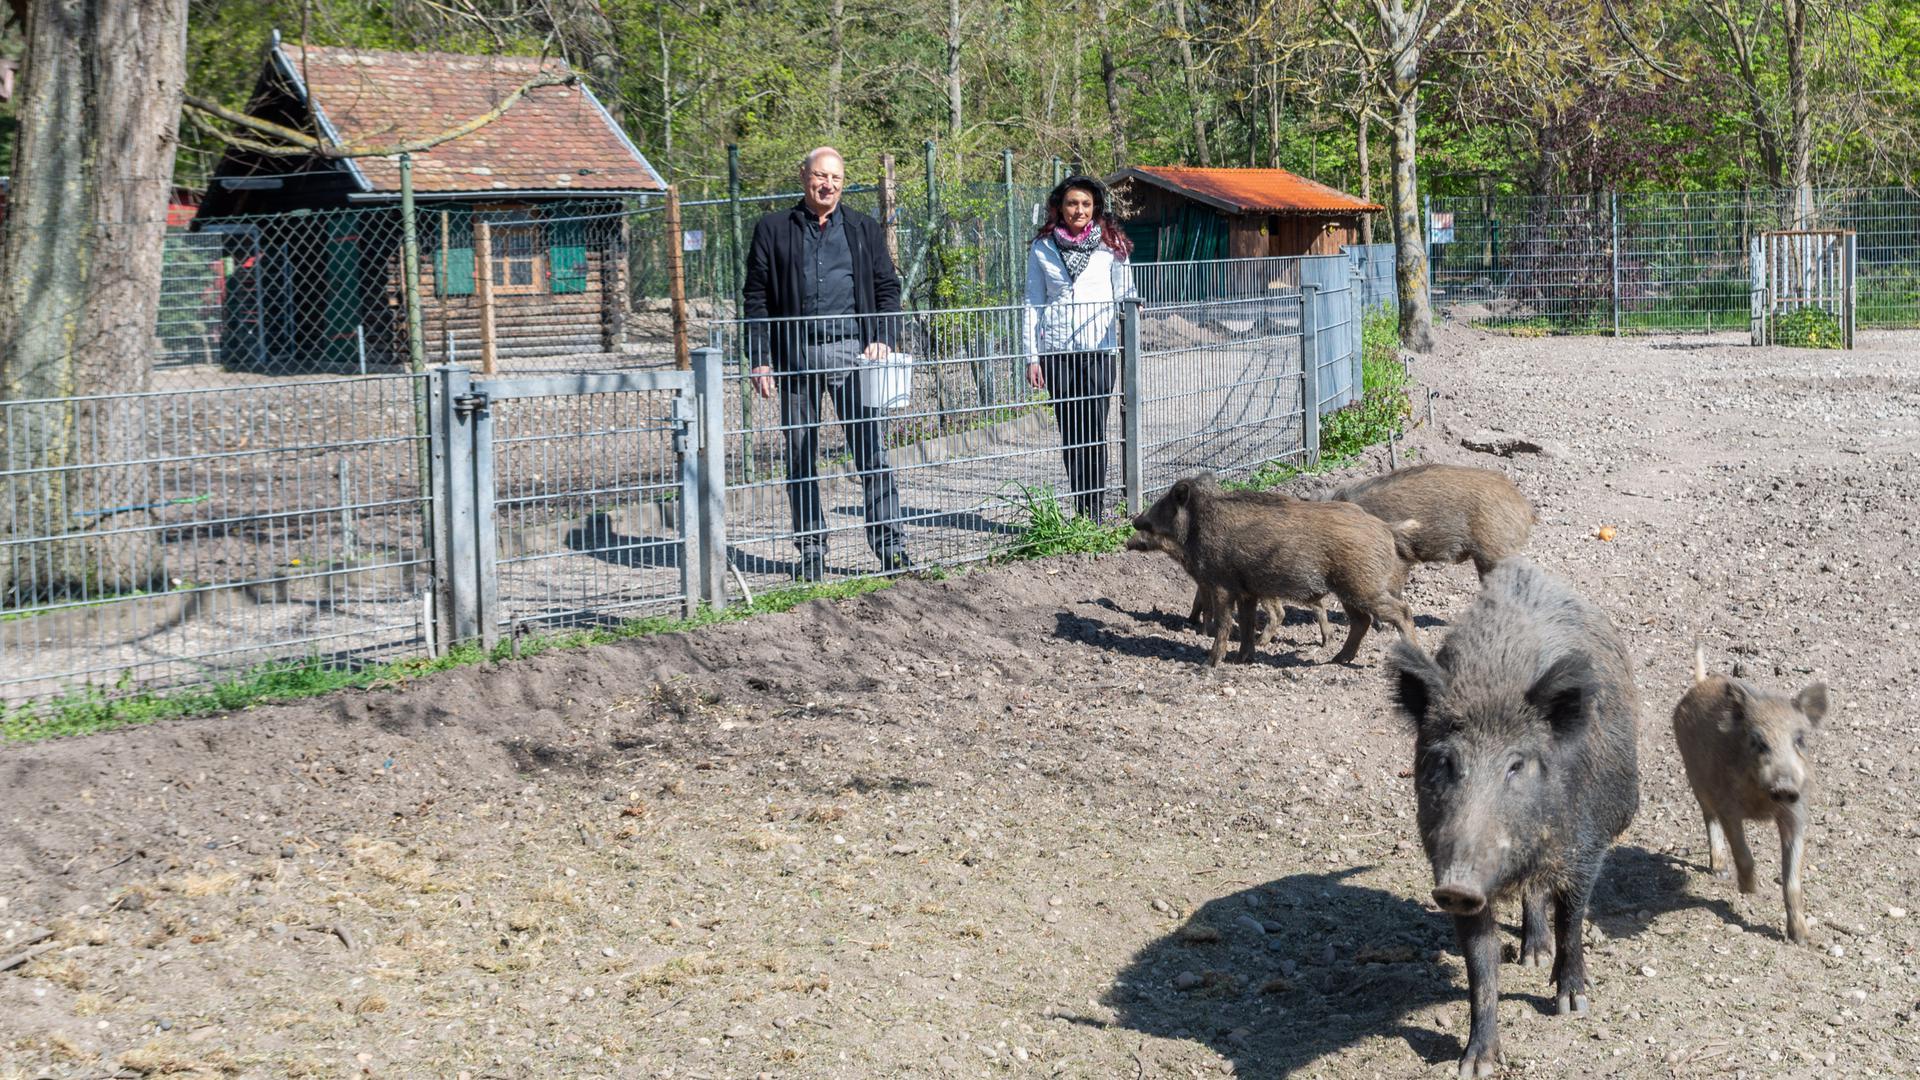 Wildschweingehege, Peter Blümle und Maria Braginez